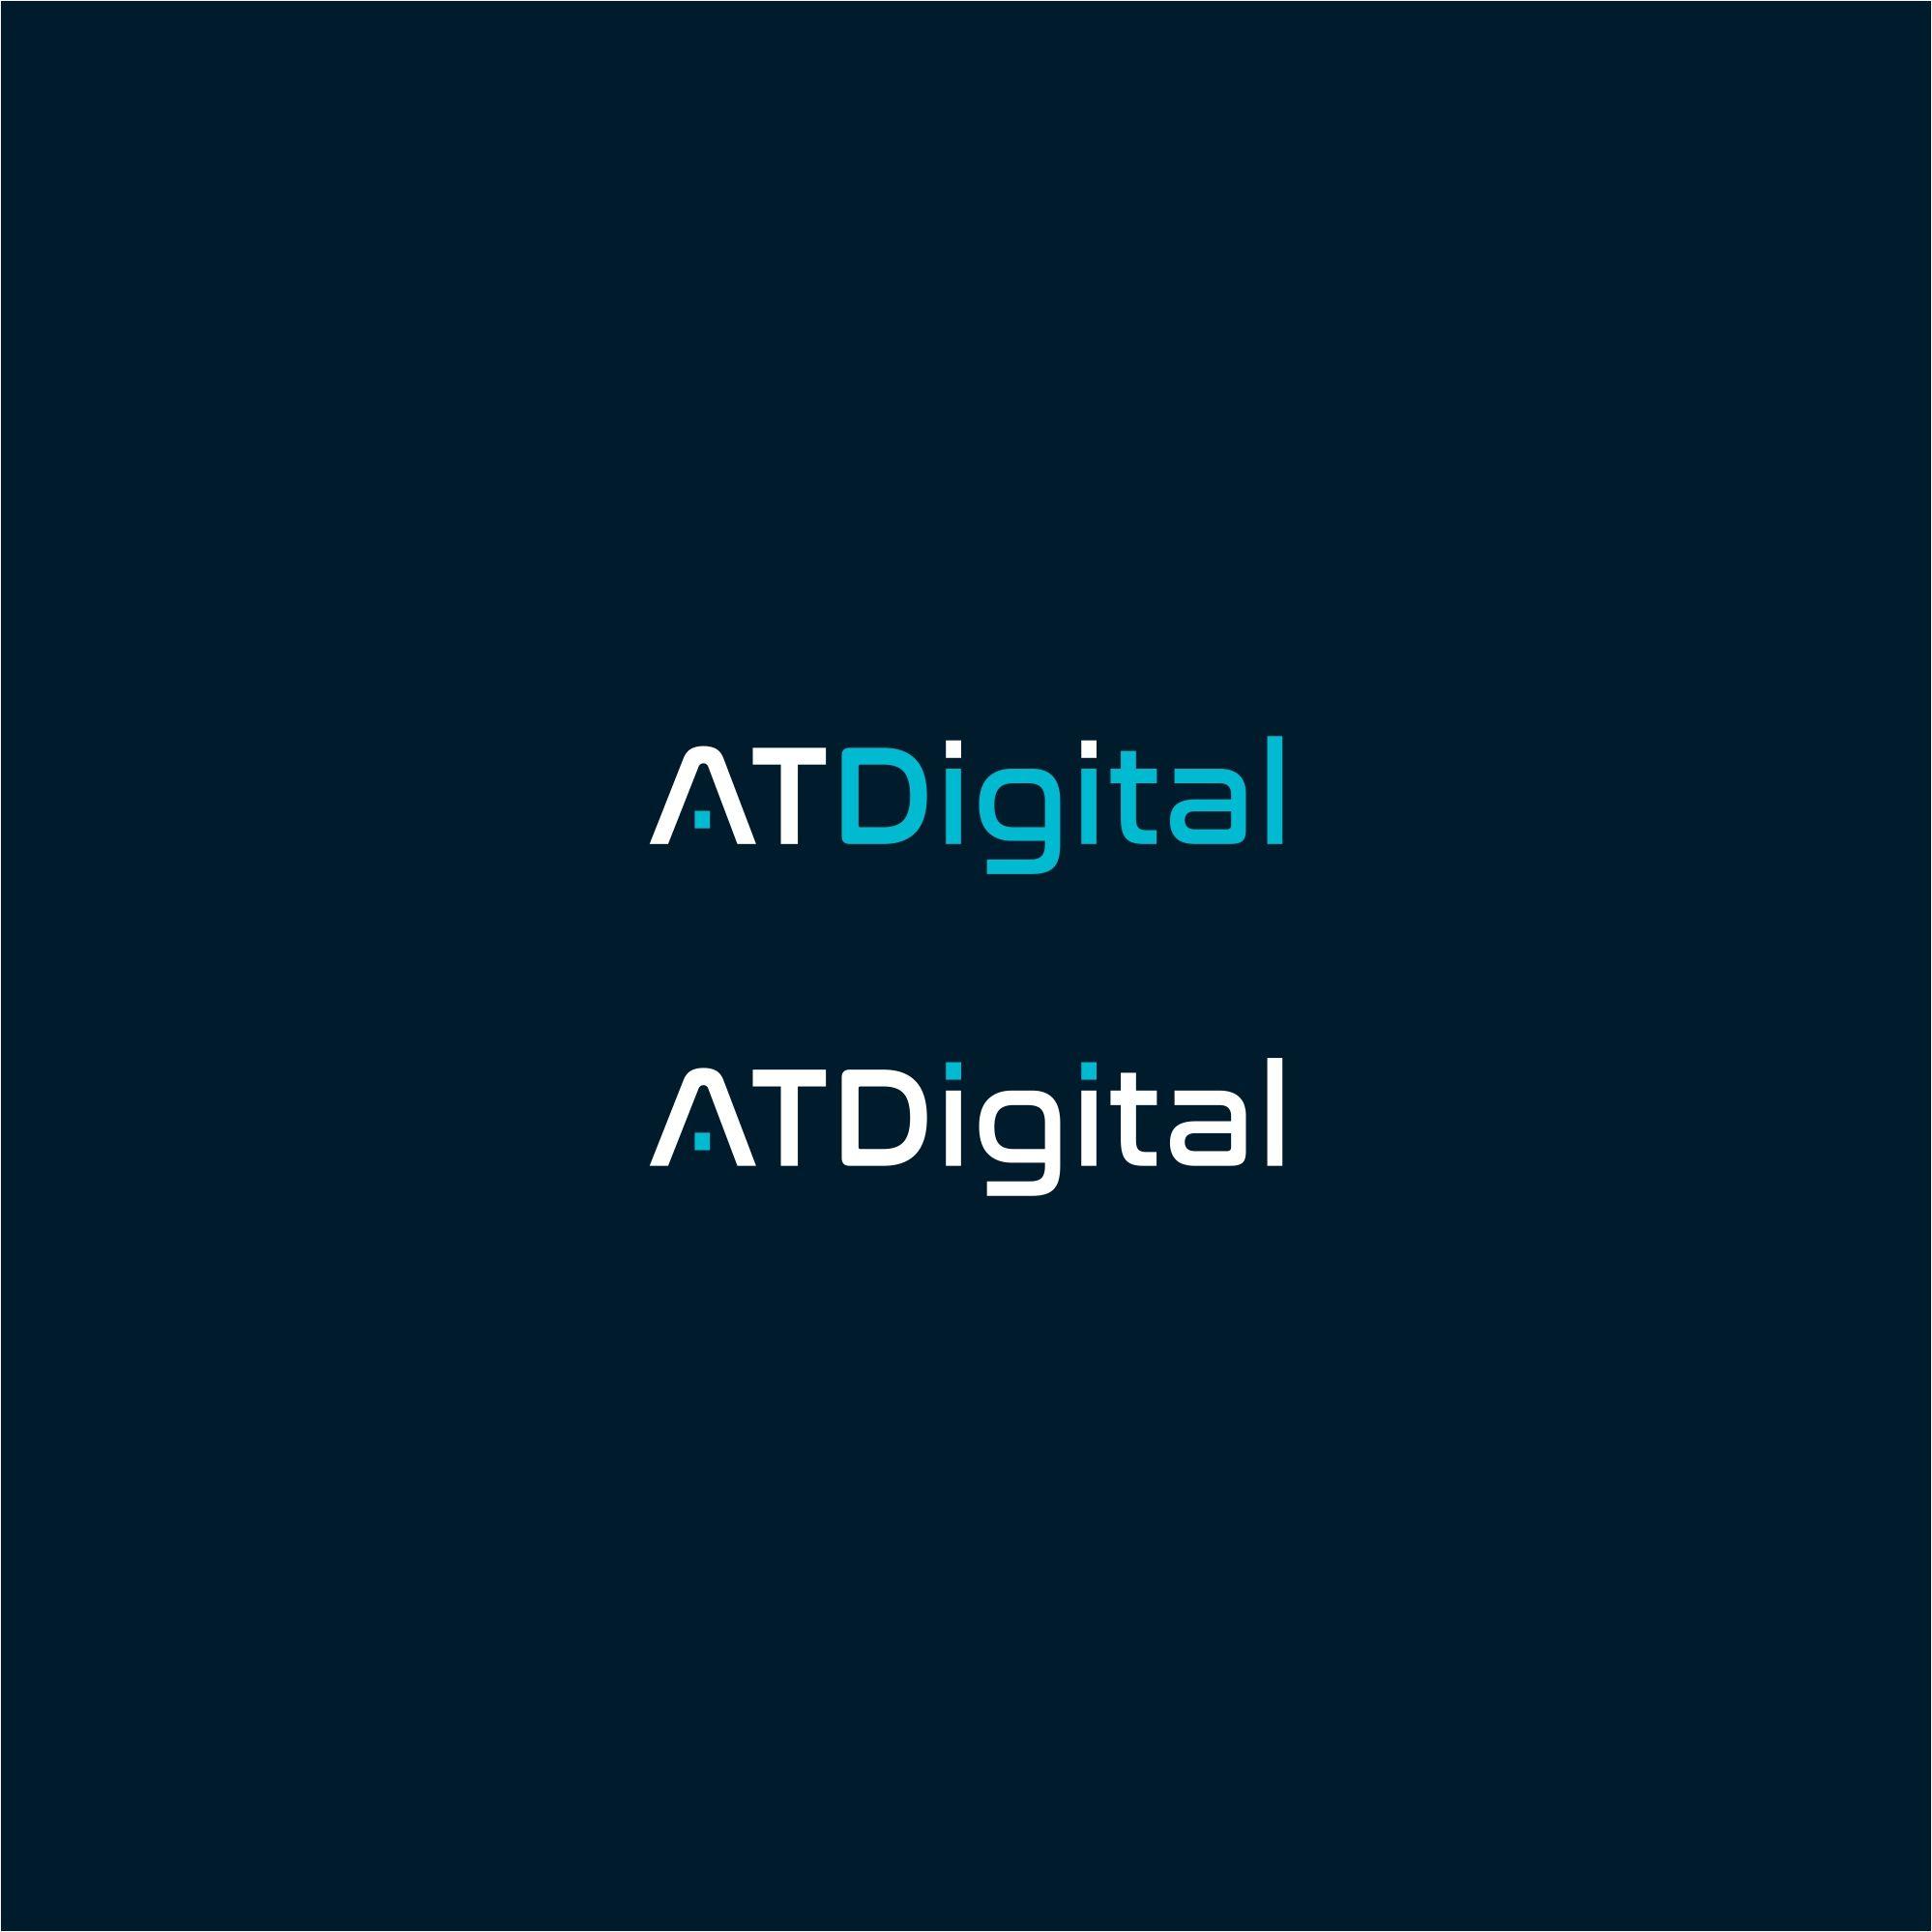 Логотип для ATDigital - дизайнер serz4868